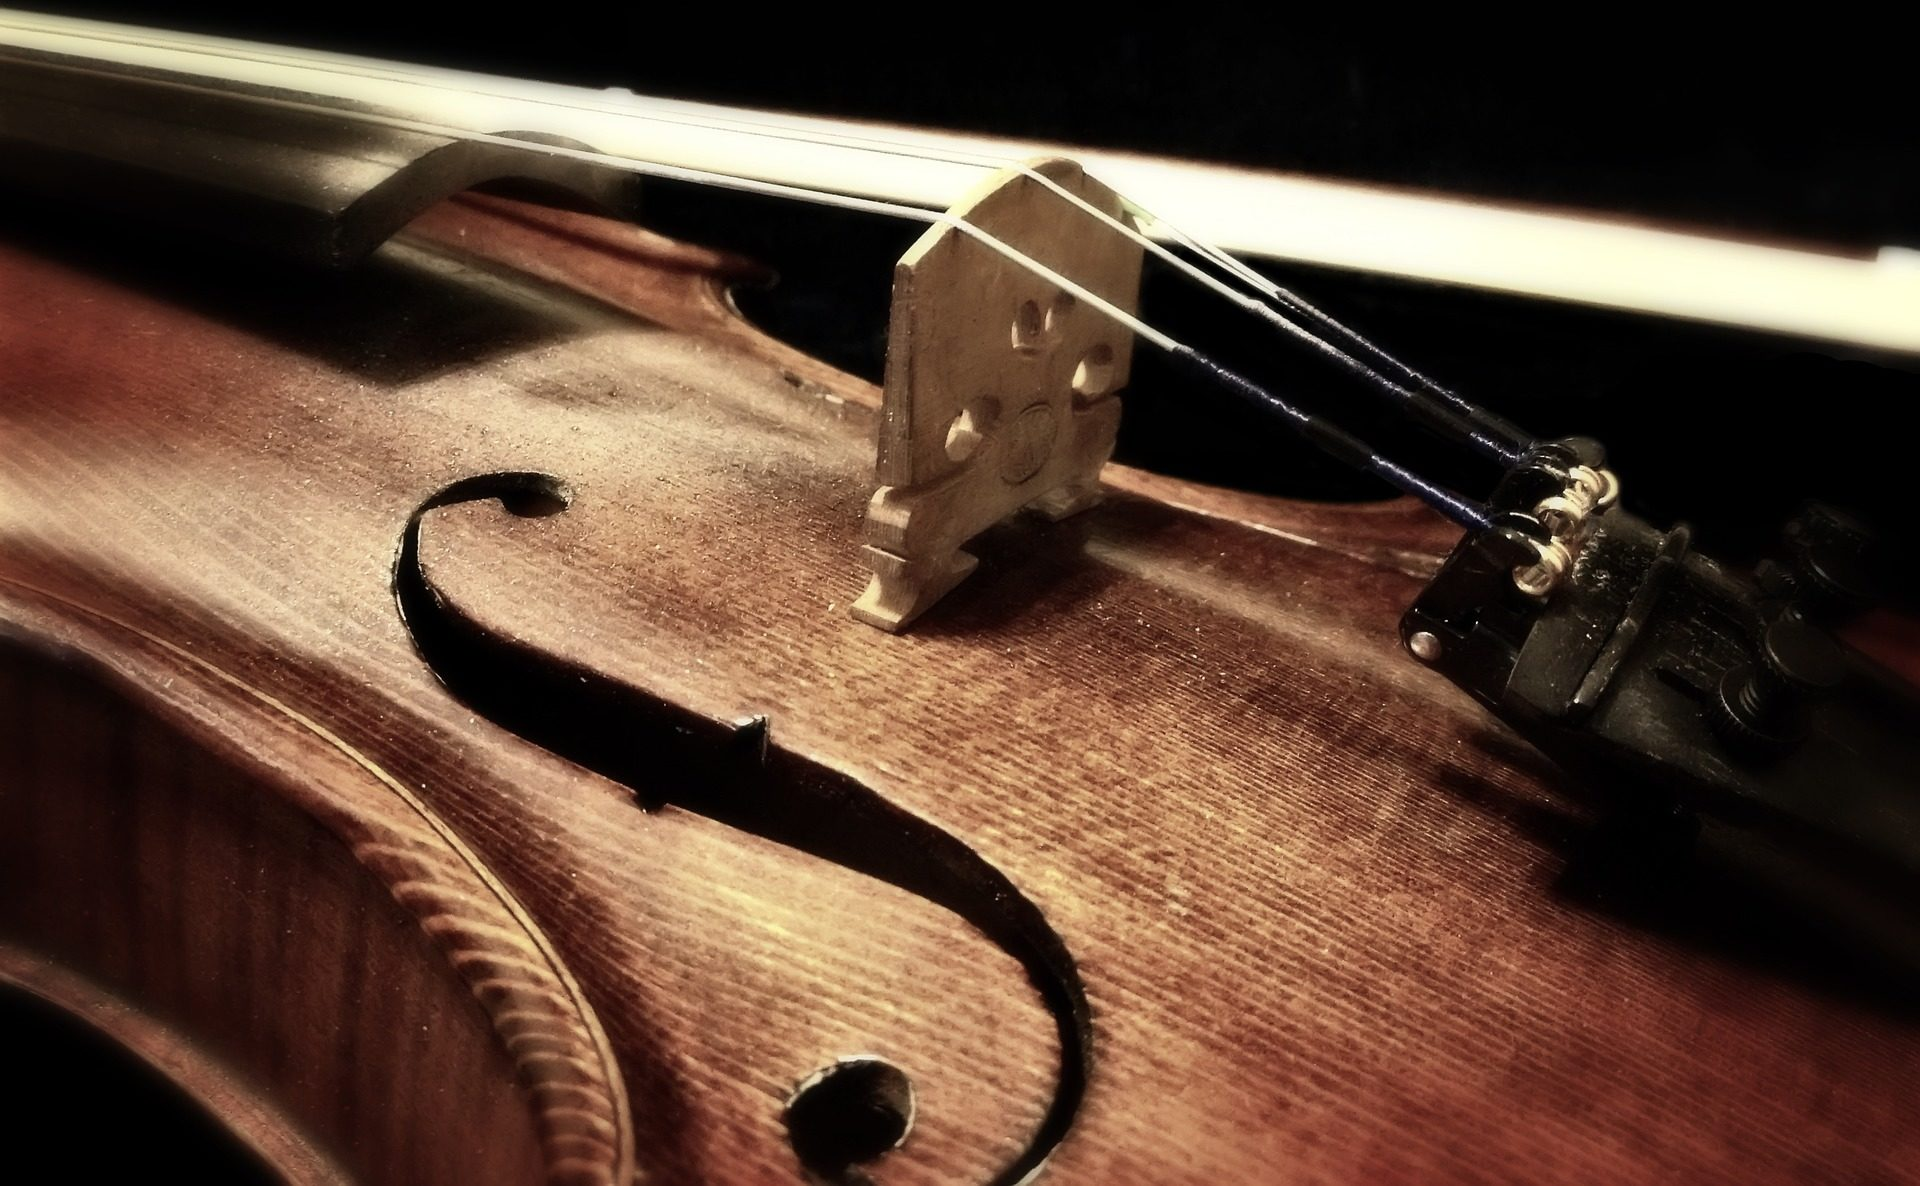 violín, instrumento, cuerda, madera, mástil - Fondos de Pantalla HD - professor-falken.com